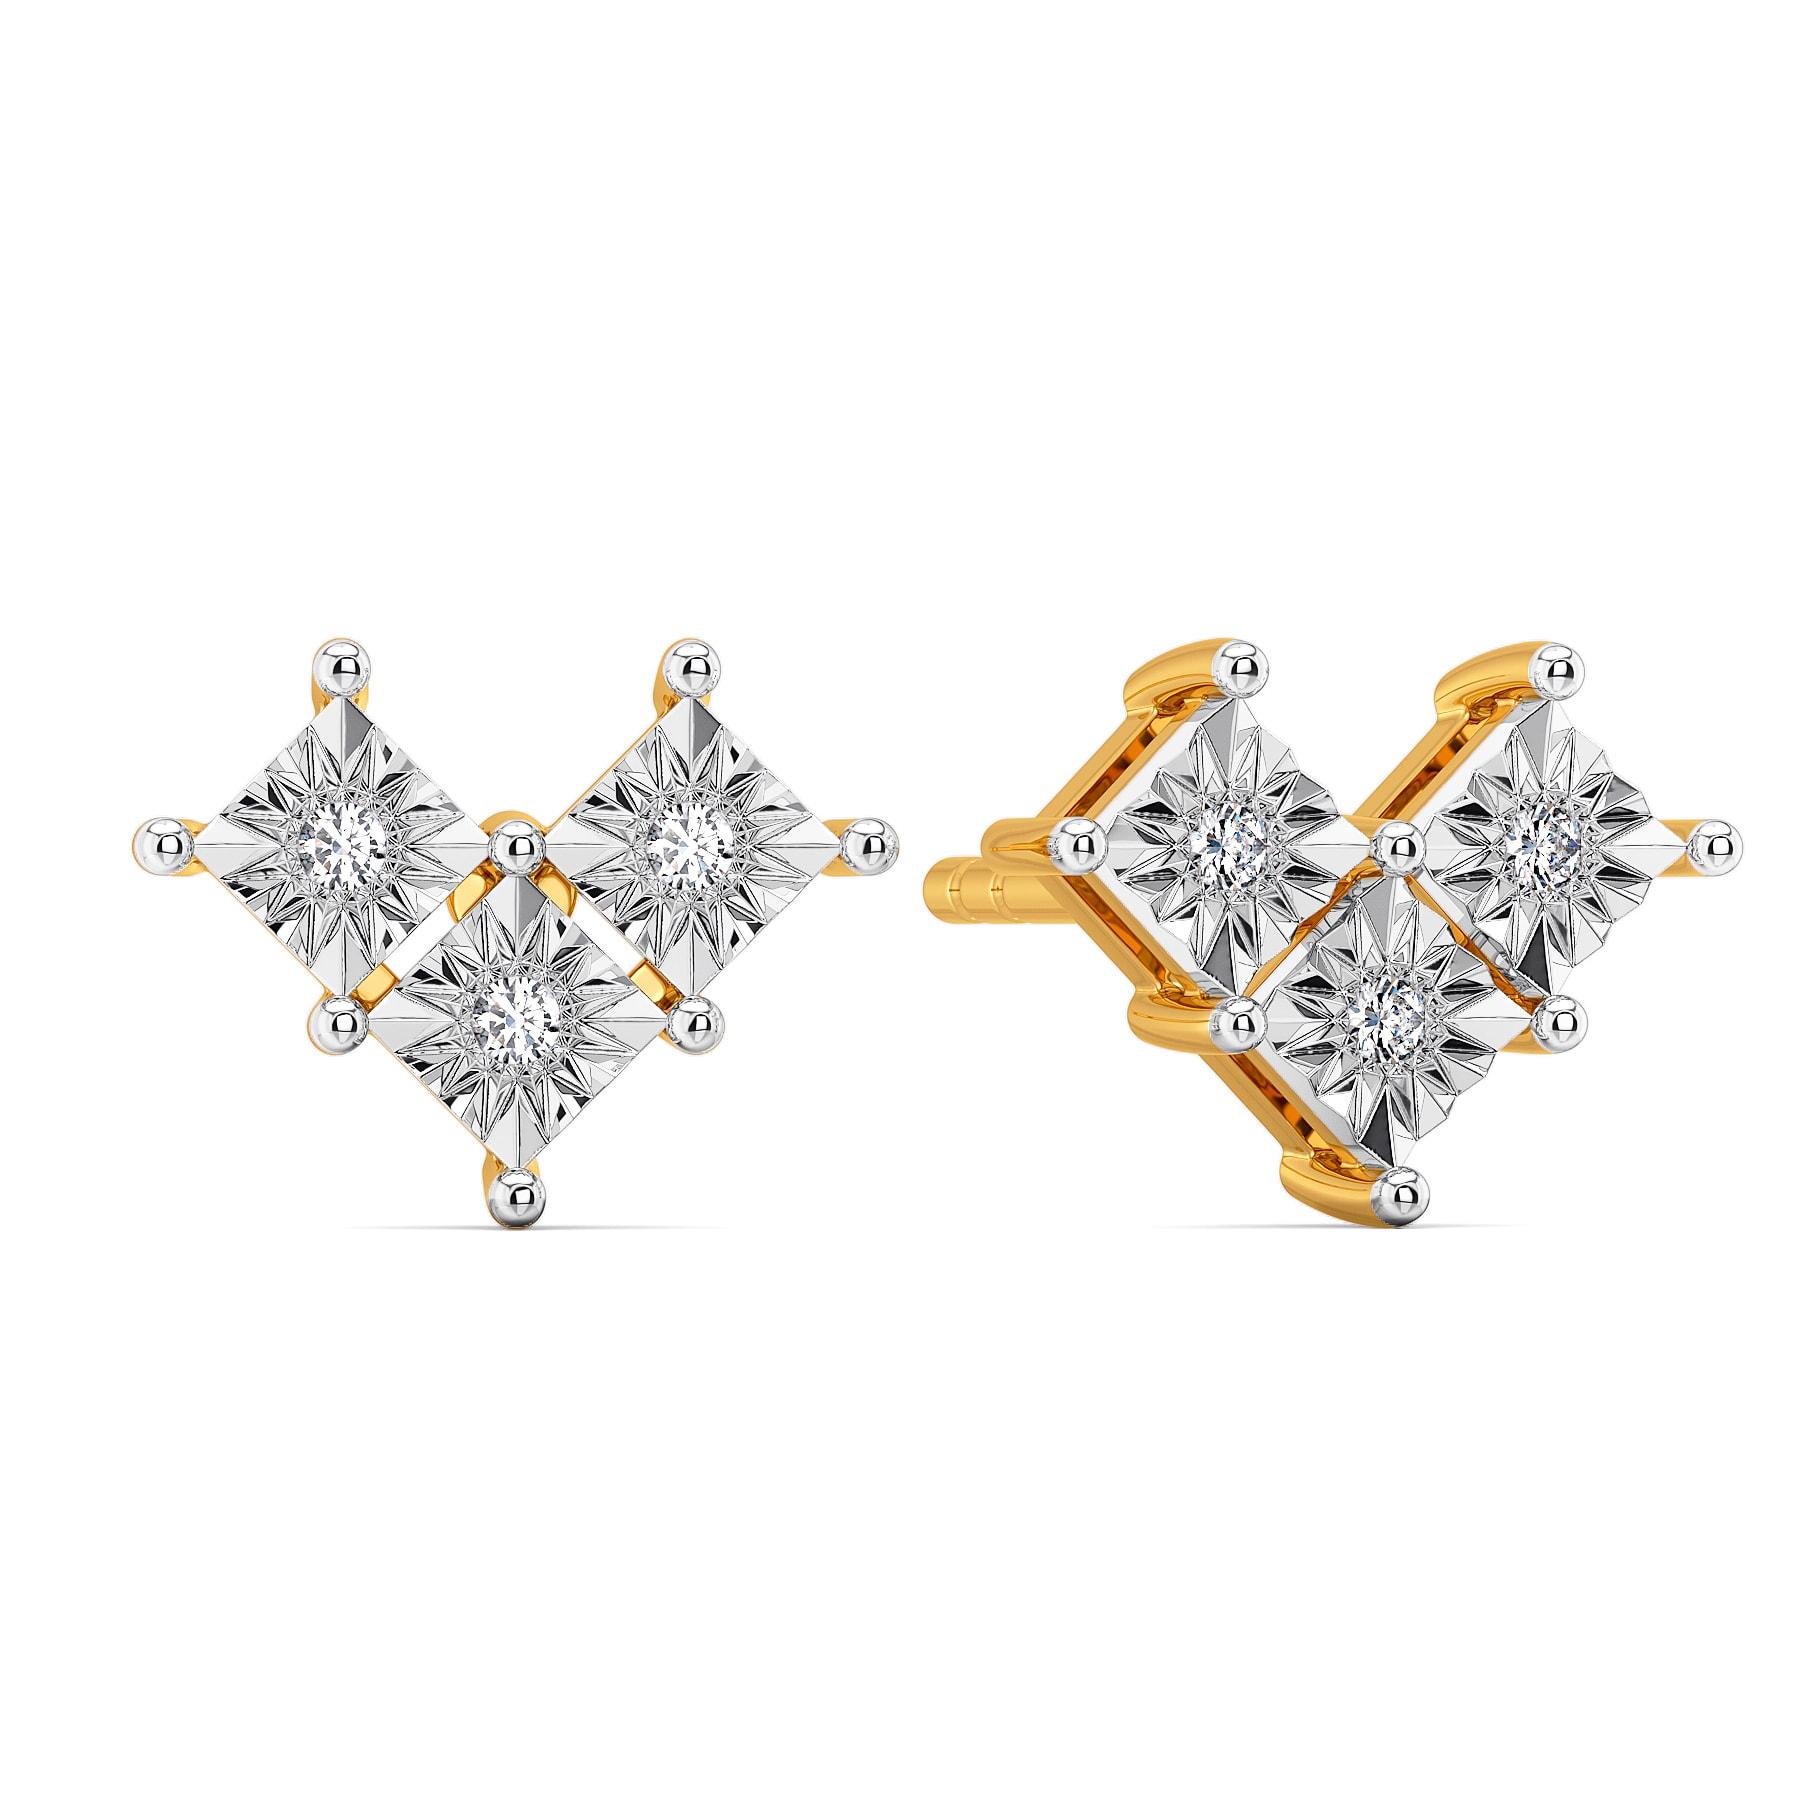 Rhomb N Razzle Diamond Earrings